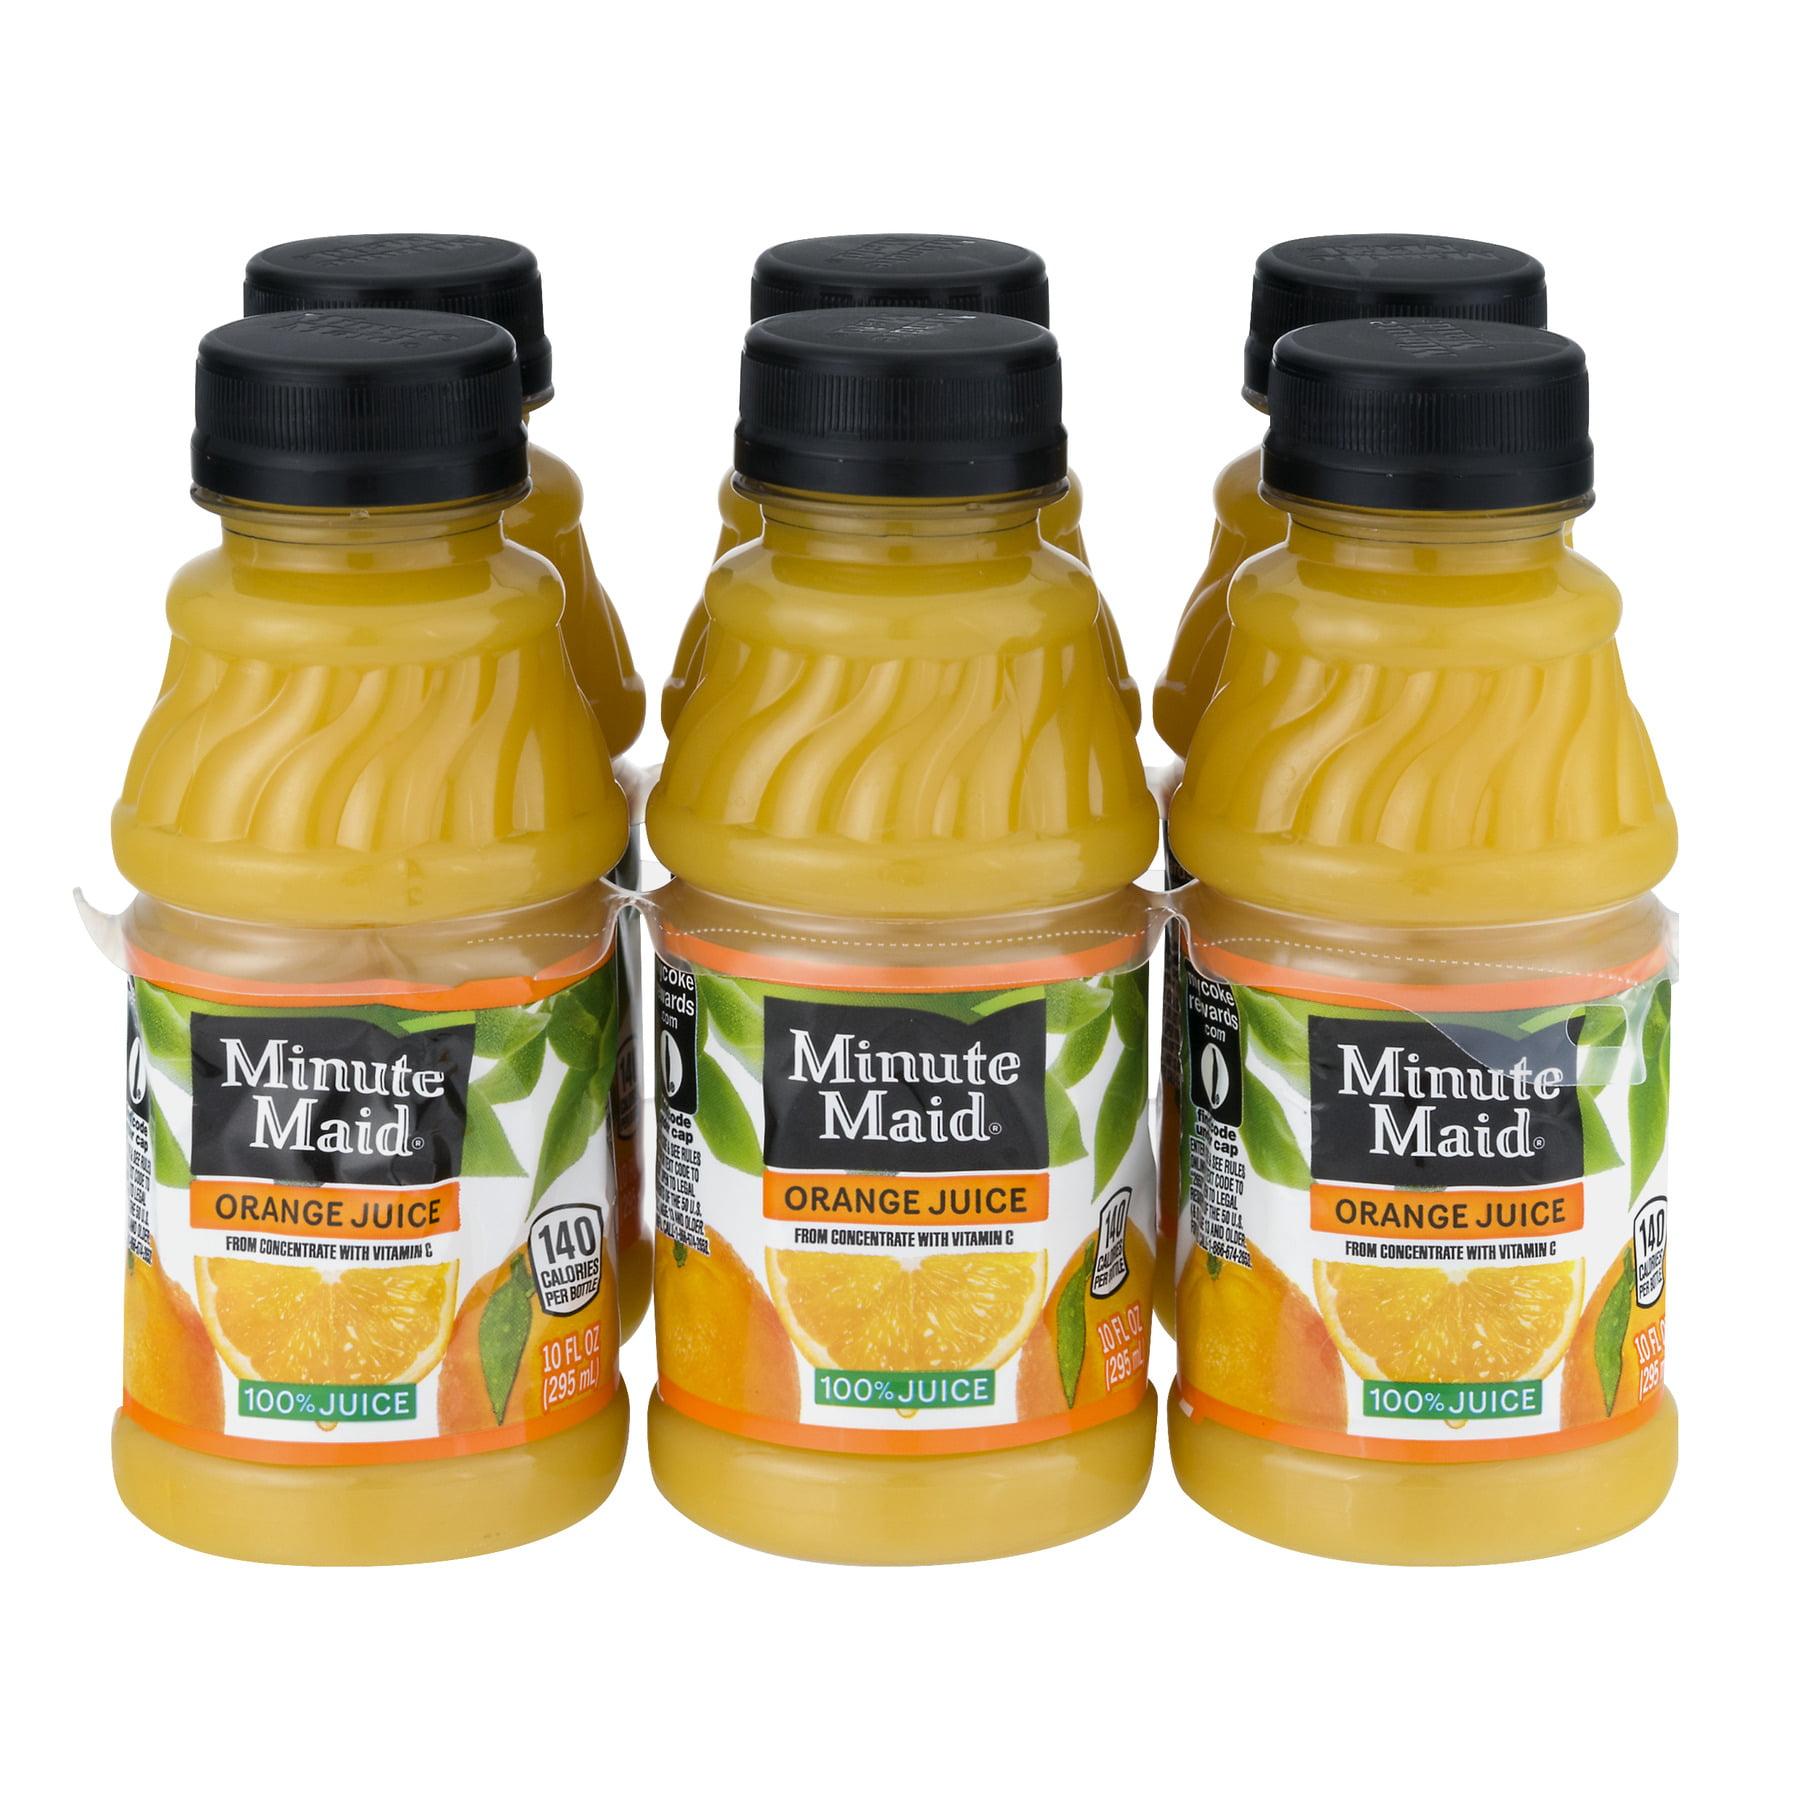 Minute Maid 100% Juice, Orange, 10 Fl Oz, 6 Count